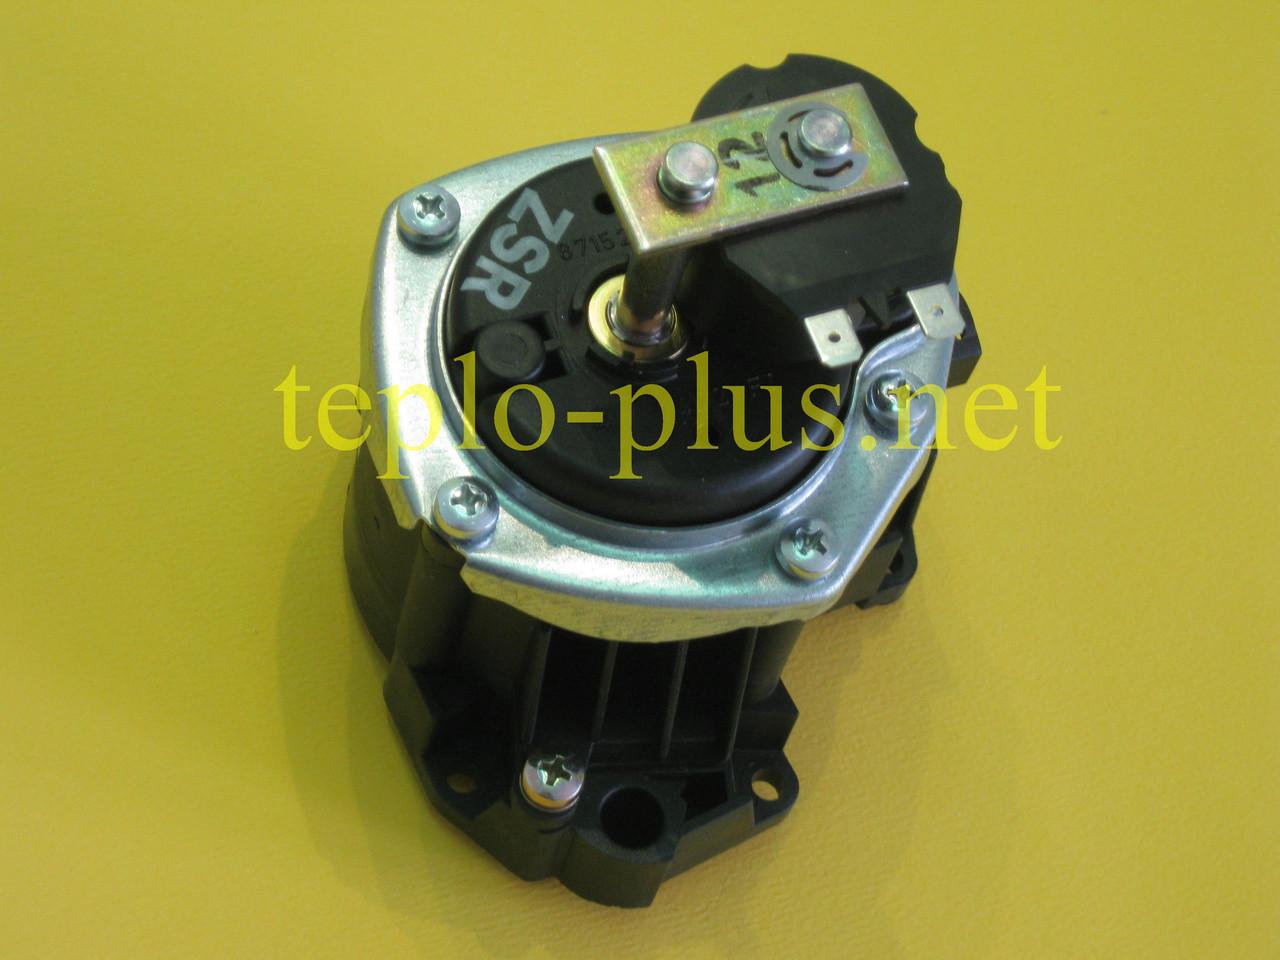 Гидравлический переключатель 8717204199 (замена 8708505014) Junkers, Bosch Euroline ZS23, ZW23, фото 2